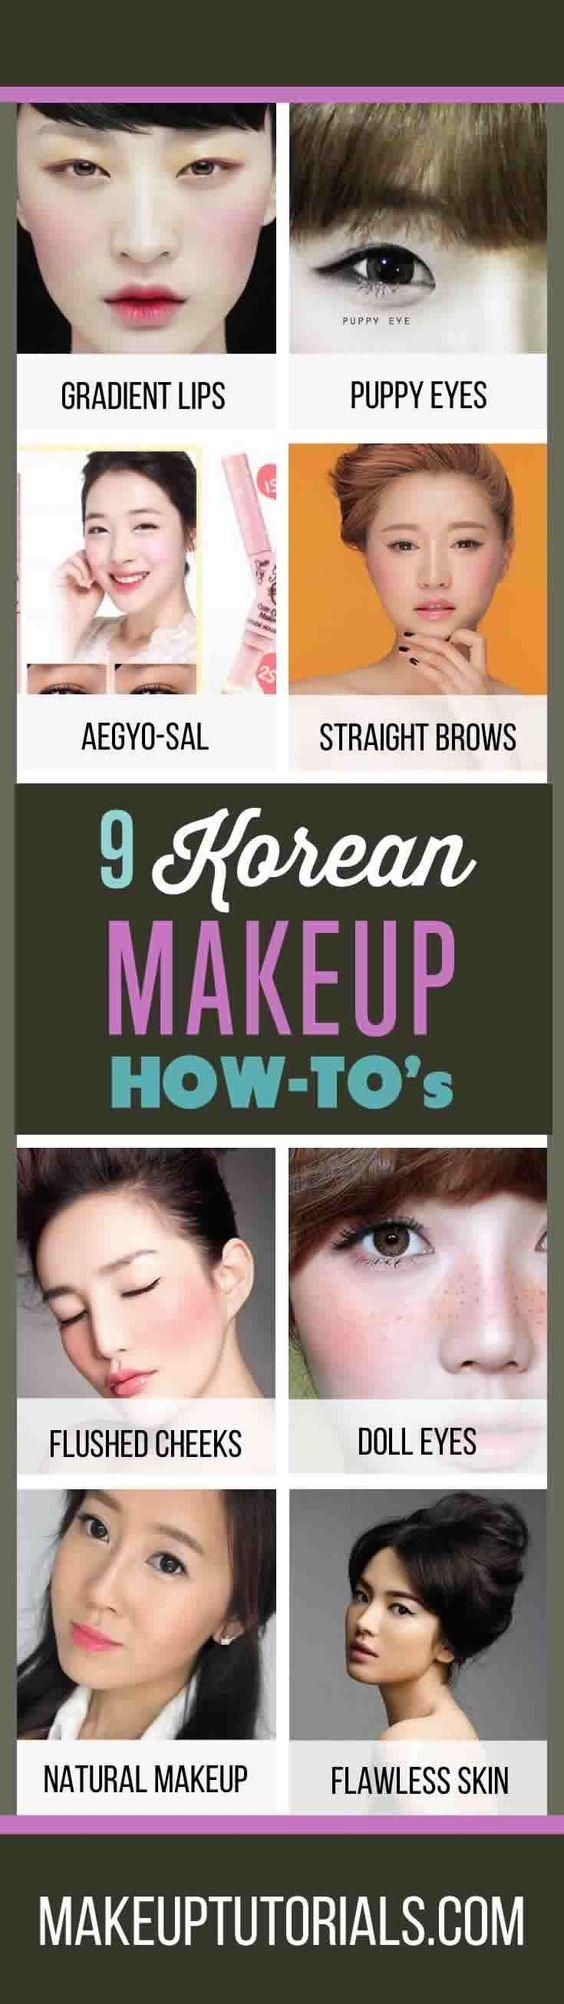 9 Korean Makeup Tutorials   How To Do Korean Makeup & Awesome Korean Makeup Products By Makeup Tutorials. http://makeuptutorials.com/makeup-tutorials-how-to-do-9-korean-makeup-looks/